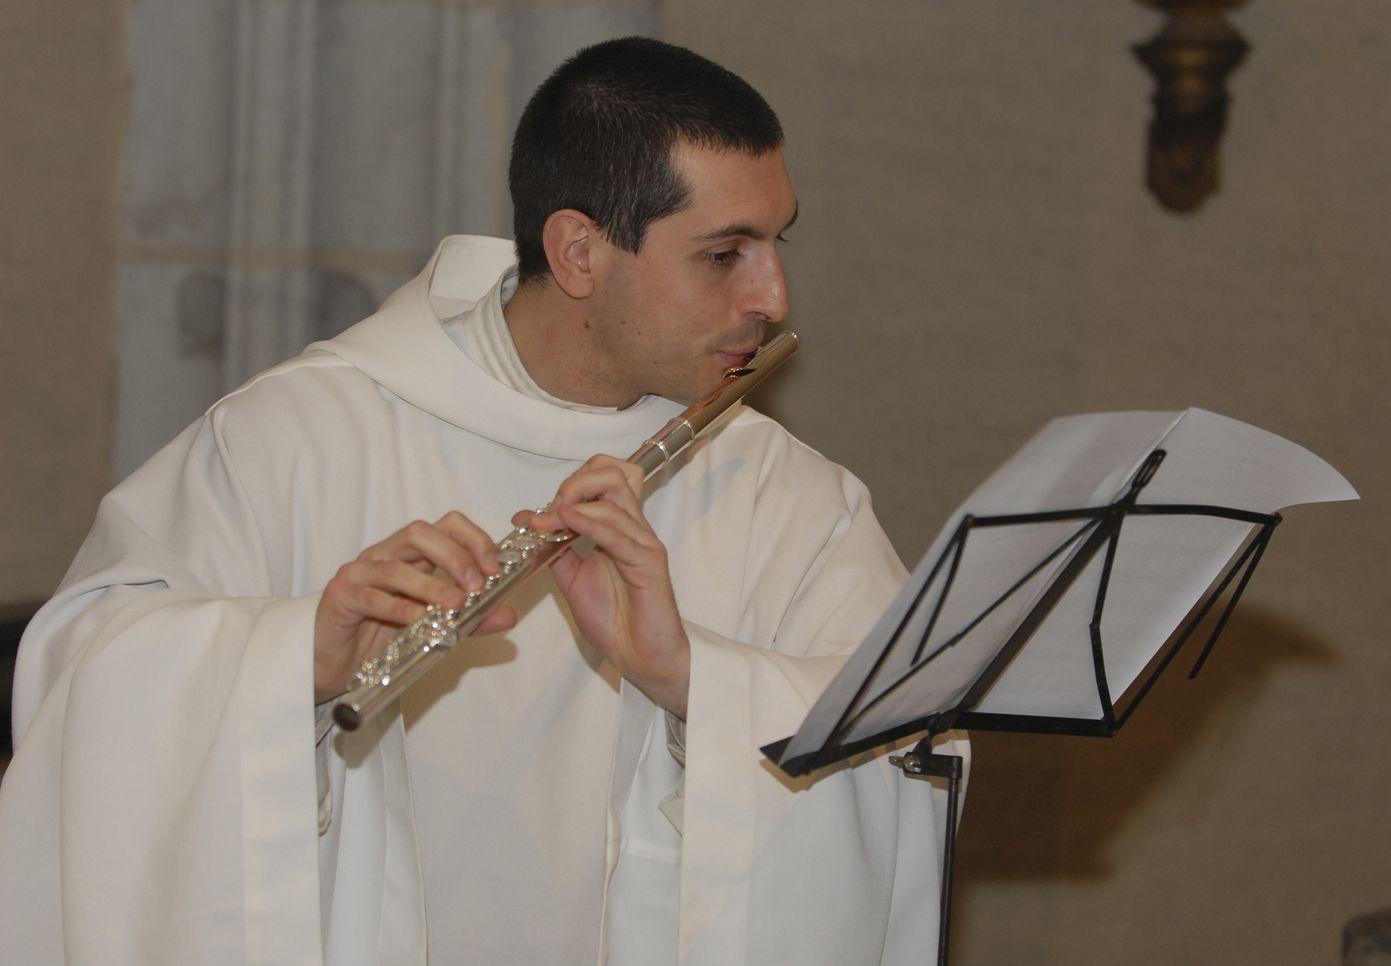 Un moine jouant de la flûte traversière.